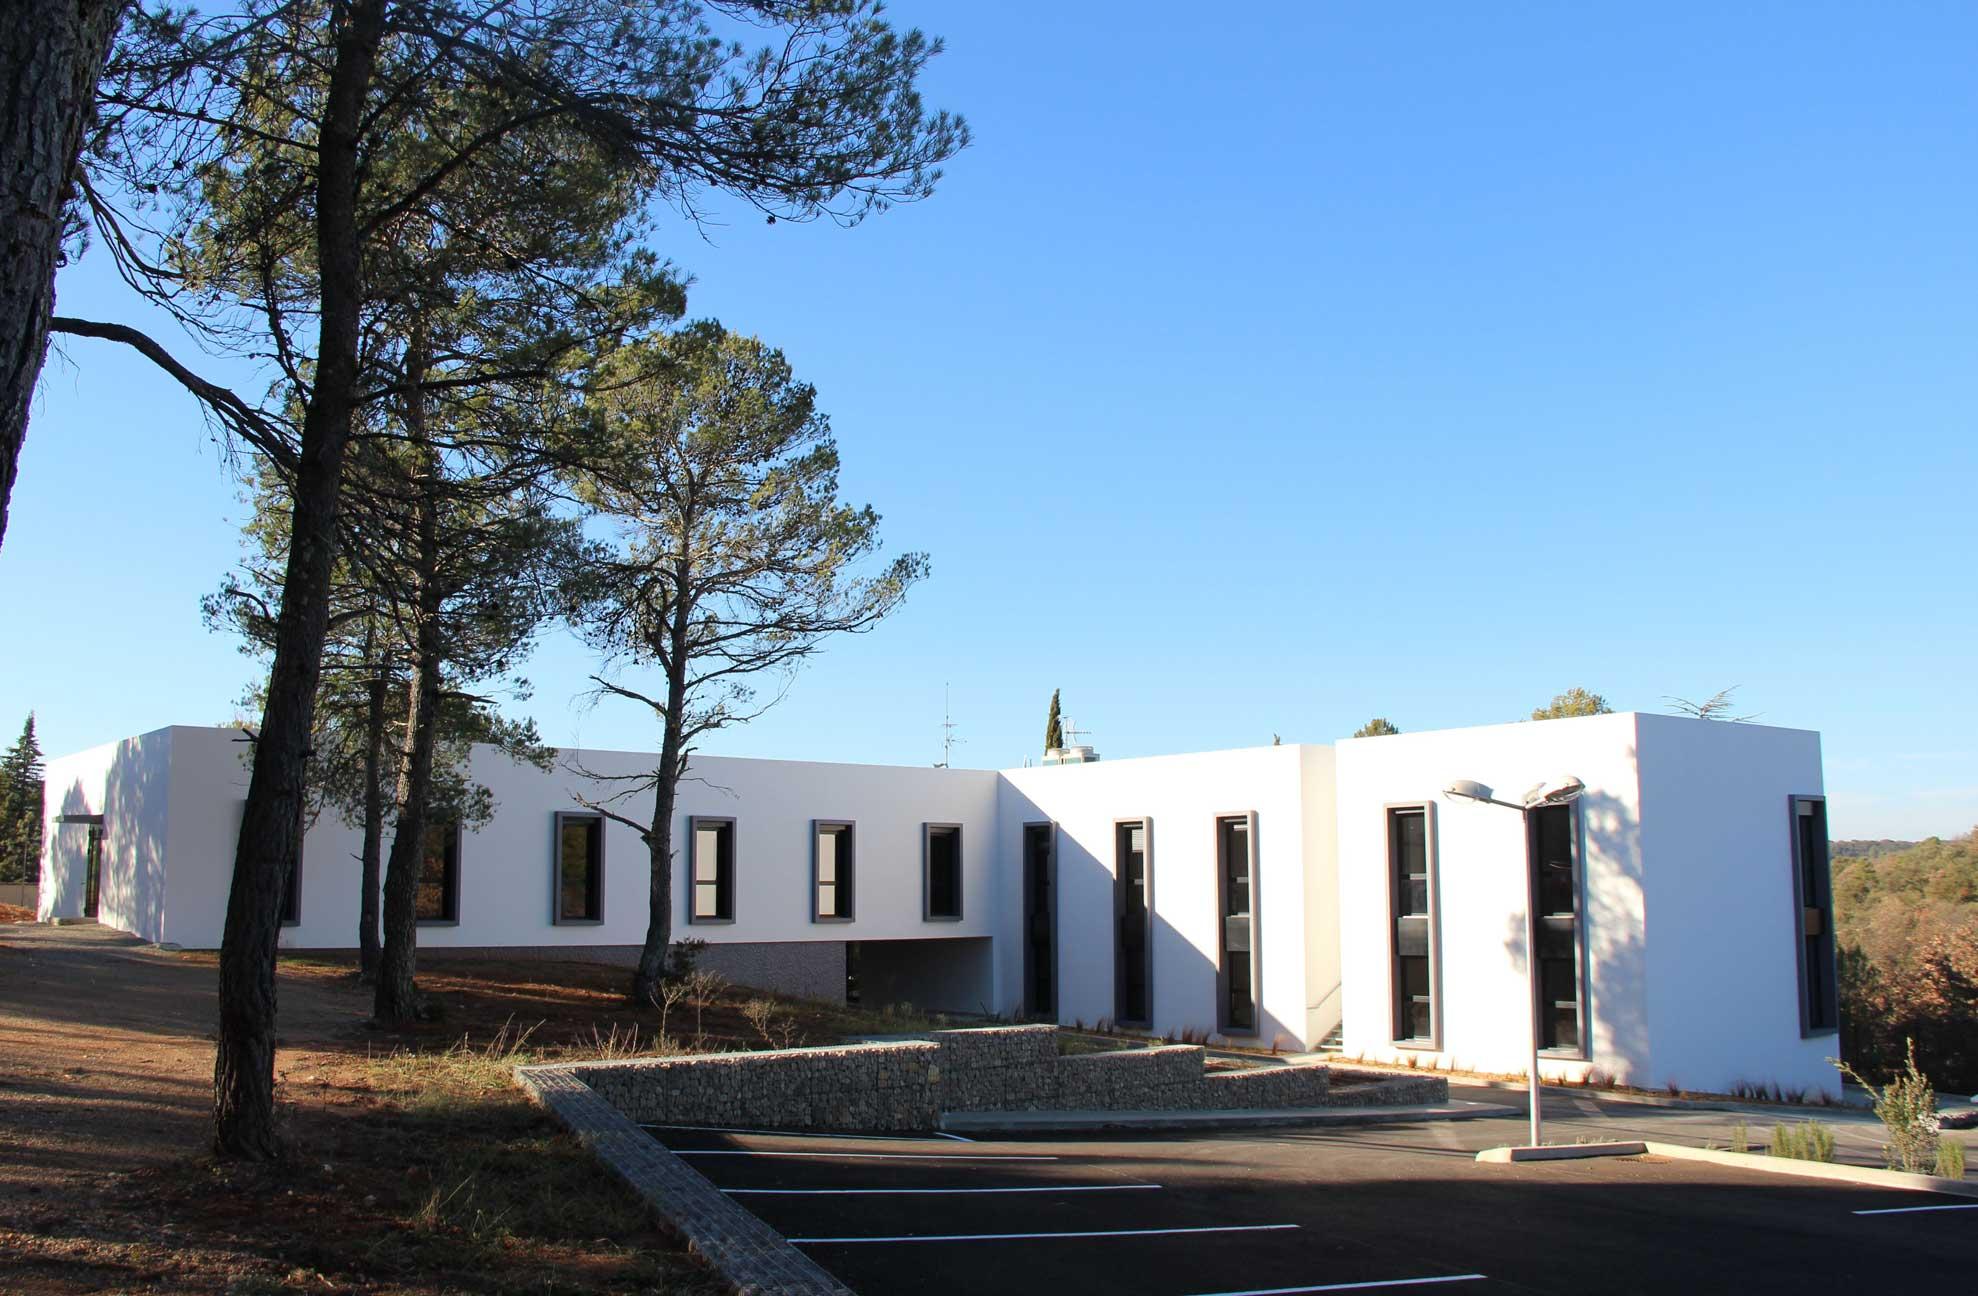 maison de retraite saint julien batiment